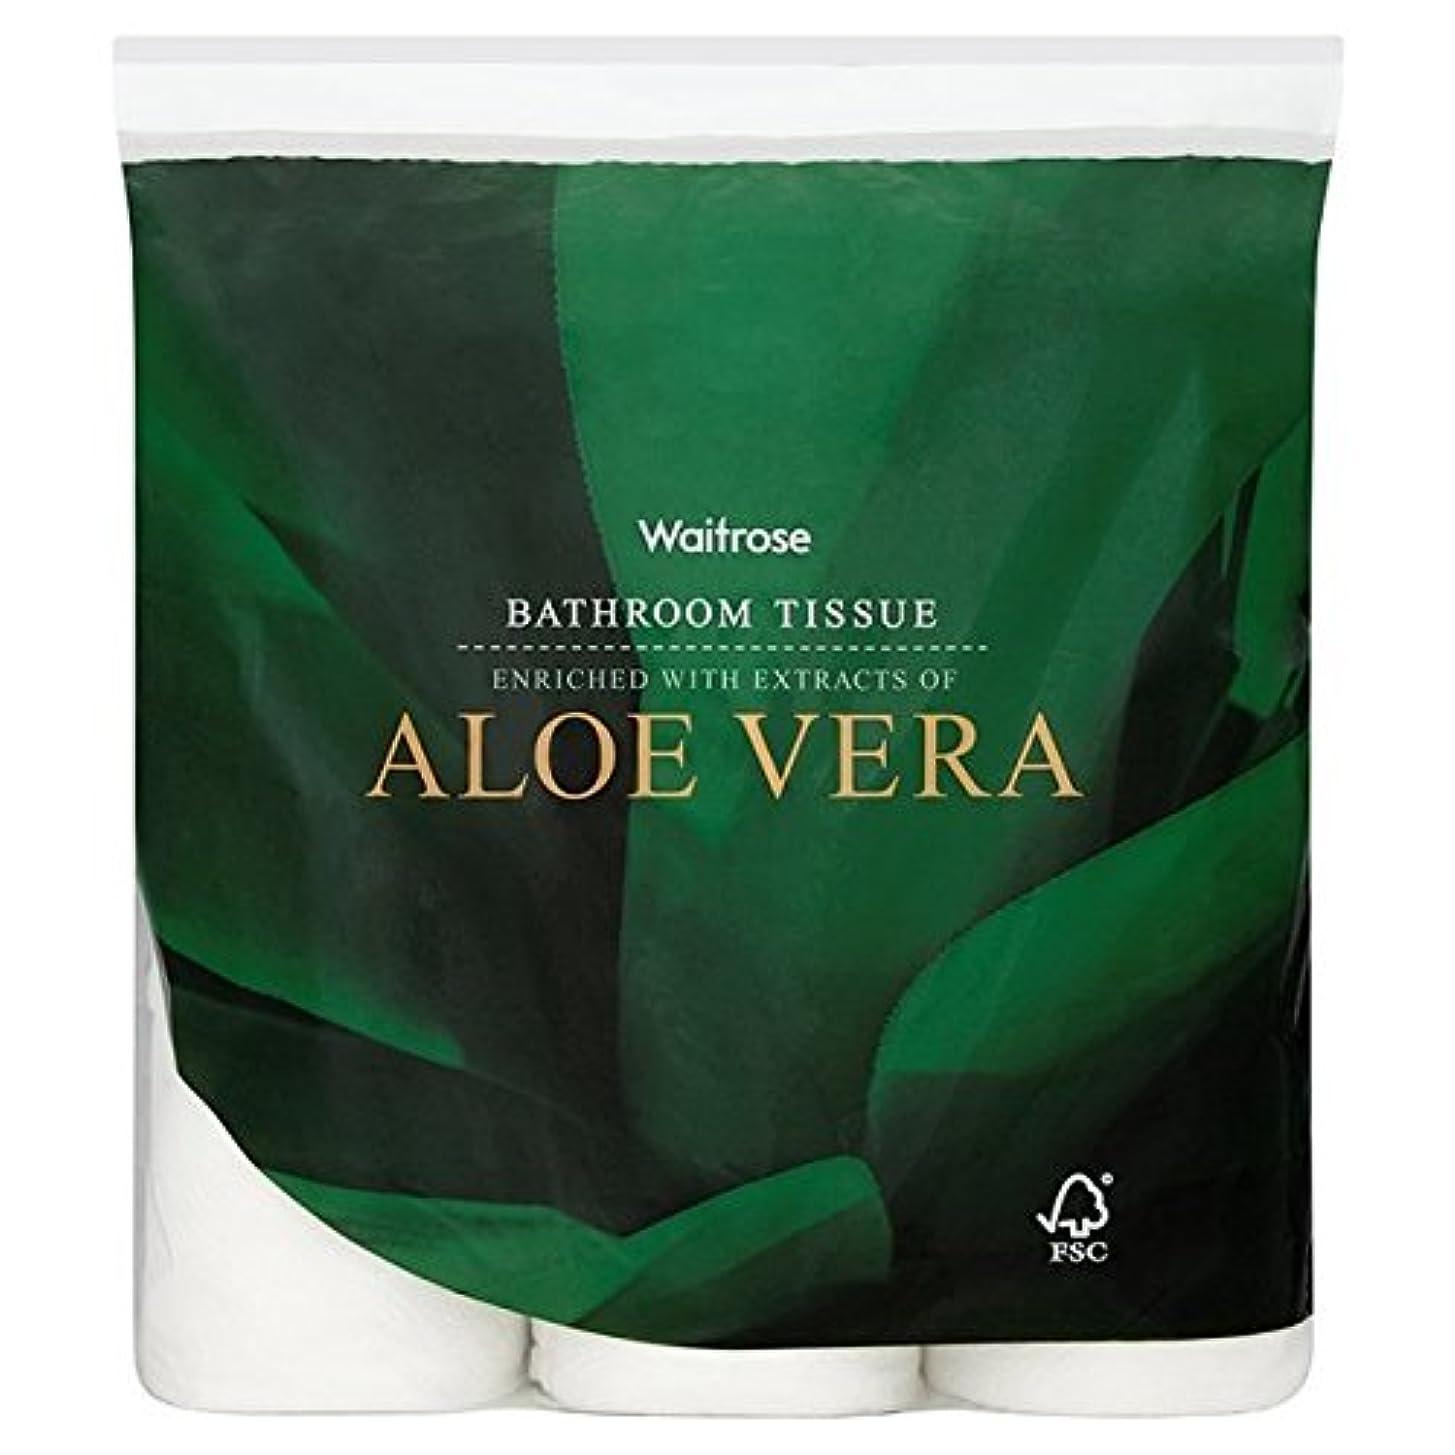 ブーム賭けローストAloe Vera Bathroom Tissue White Waitrose 9 per pack - パックあたりアロエベラ浴室組織白ウェイトローズ9 [並行輸入品]